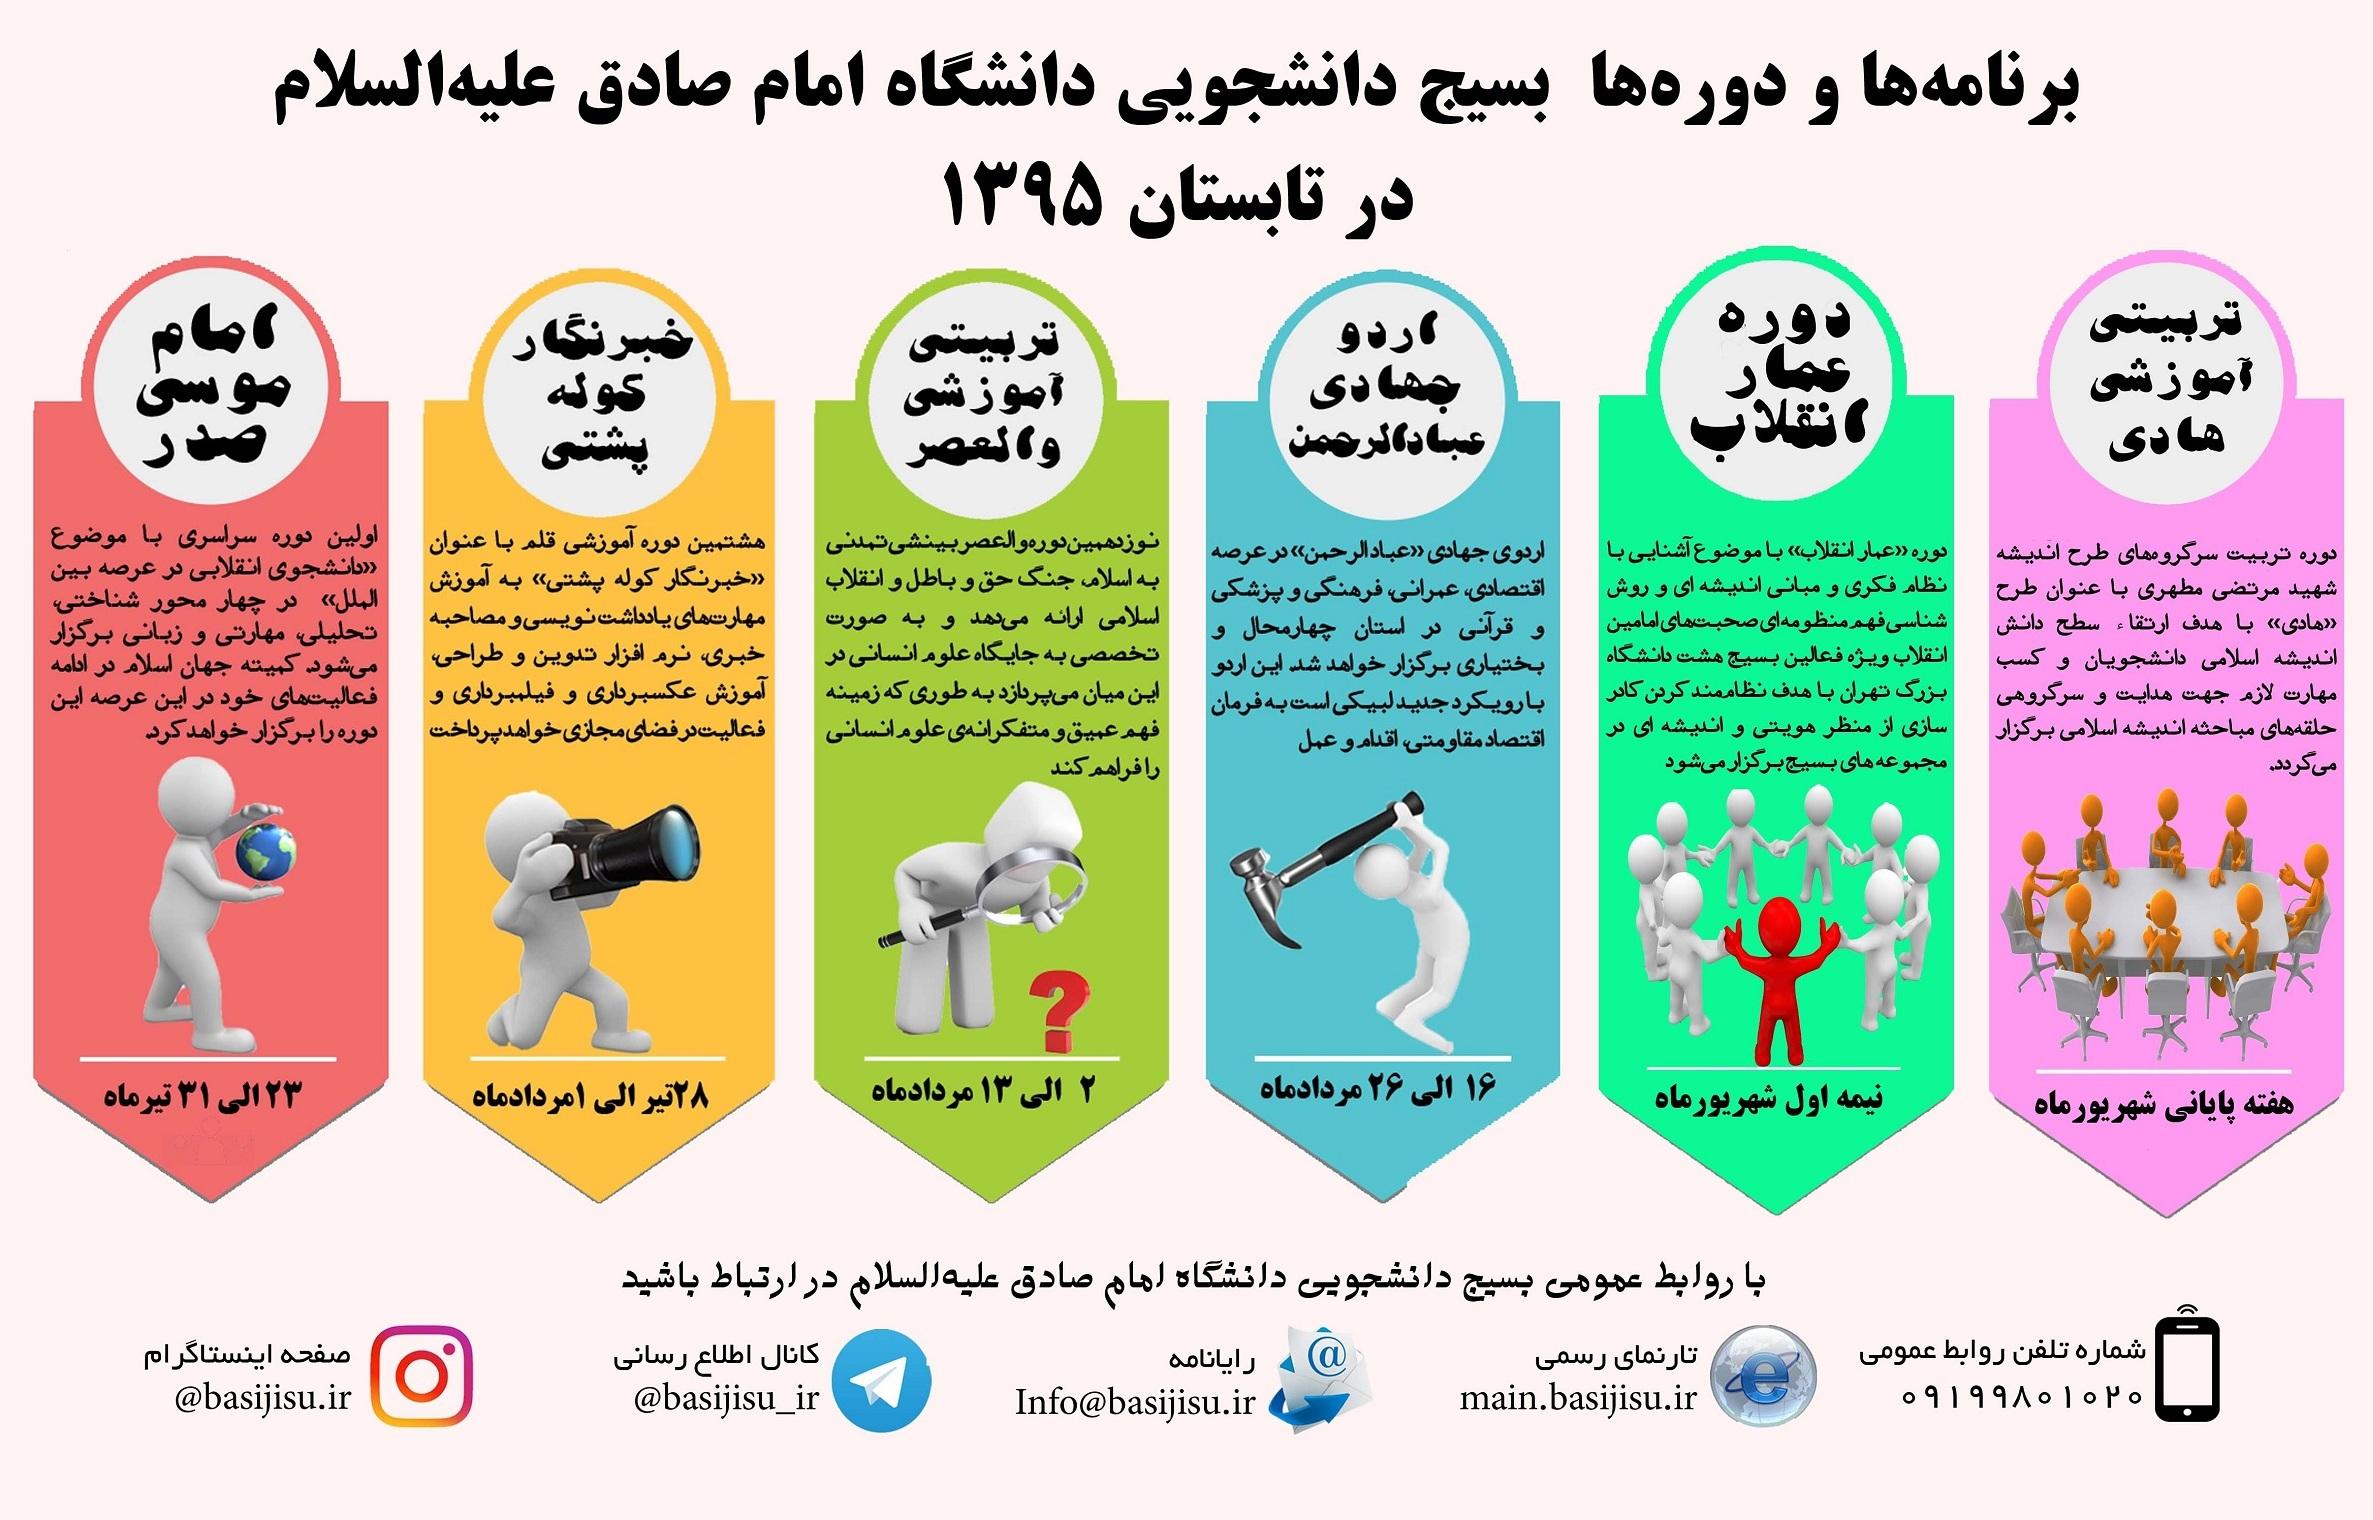 برنامه ها و دوره های بسیج دانشجویی دانشگاه امام صادق(ع) در تابستان ۱۳۹۵